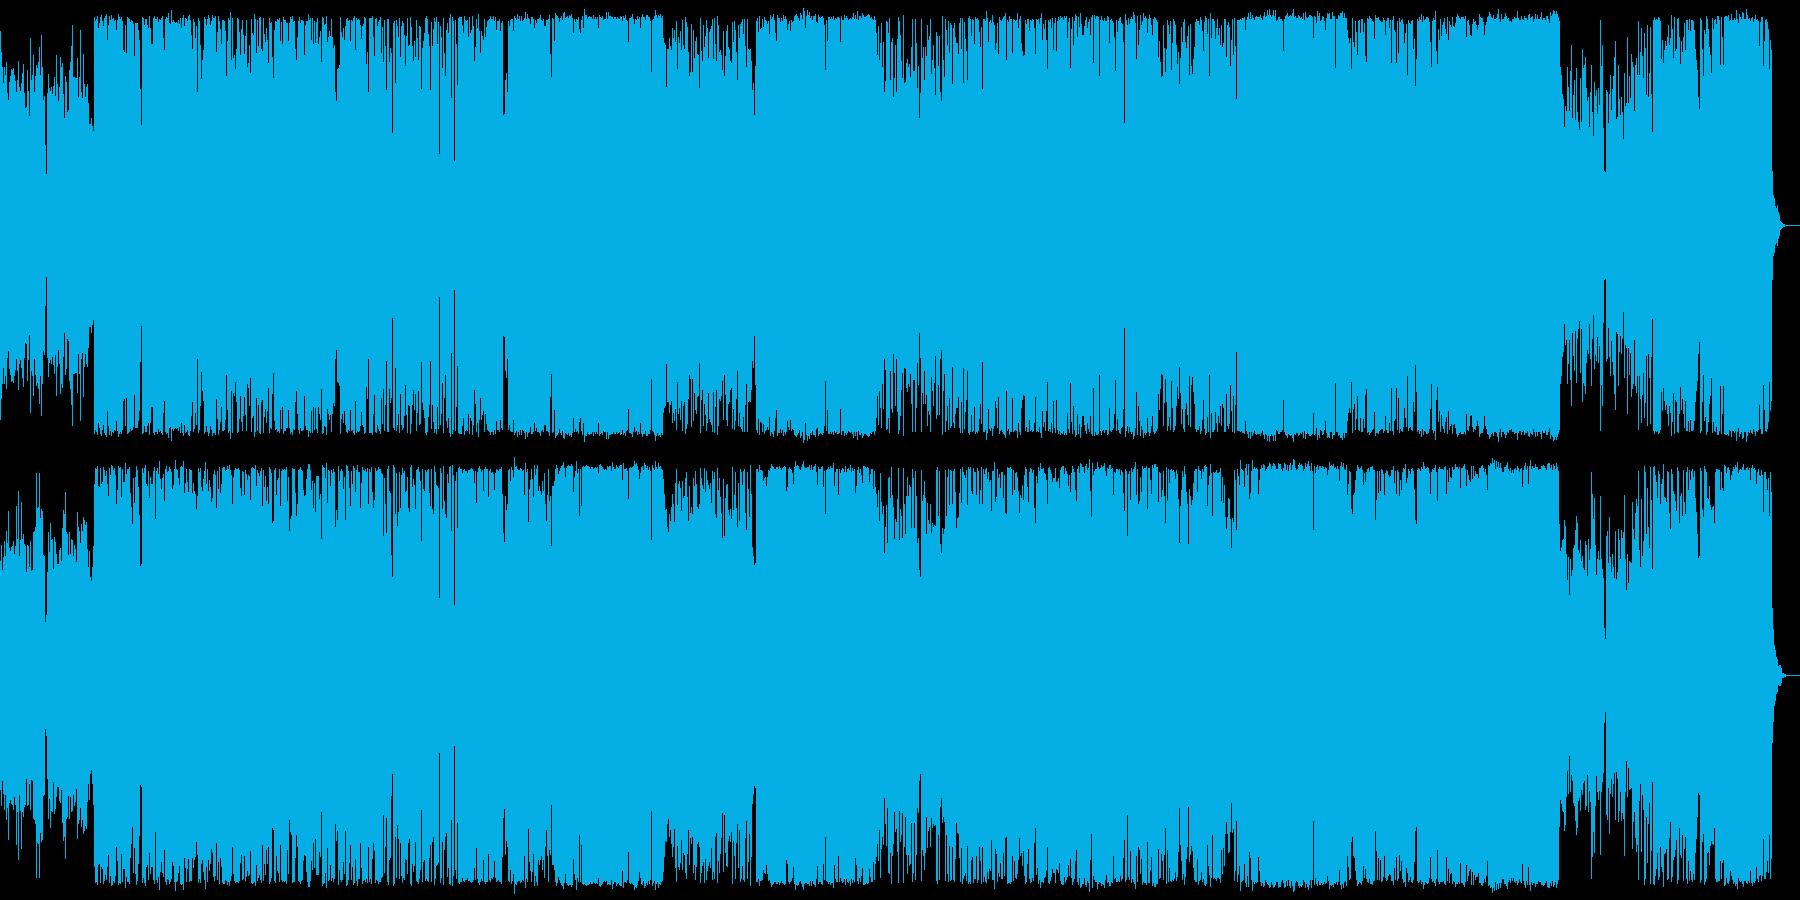 ポップにミステリアスなハロウィンBGMの再生済みの波形